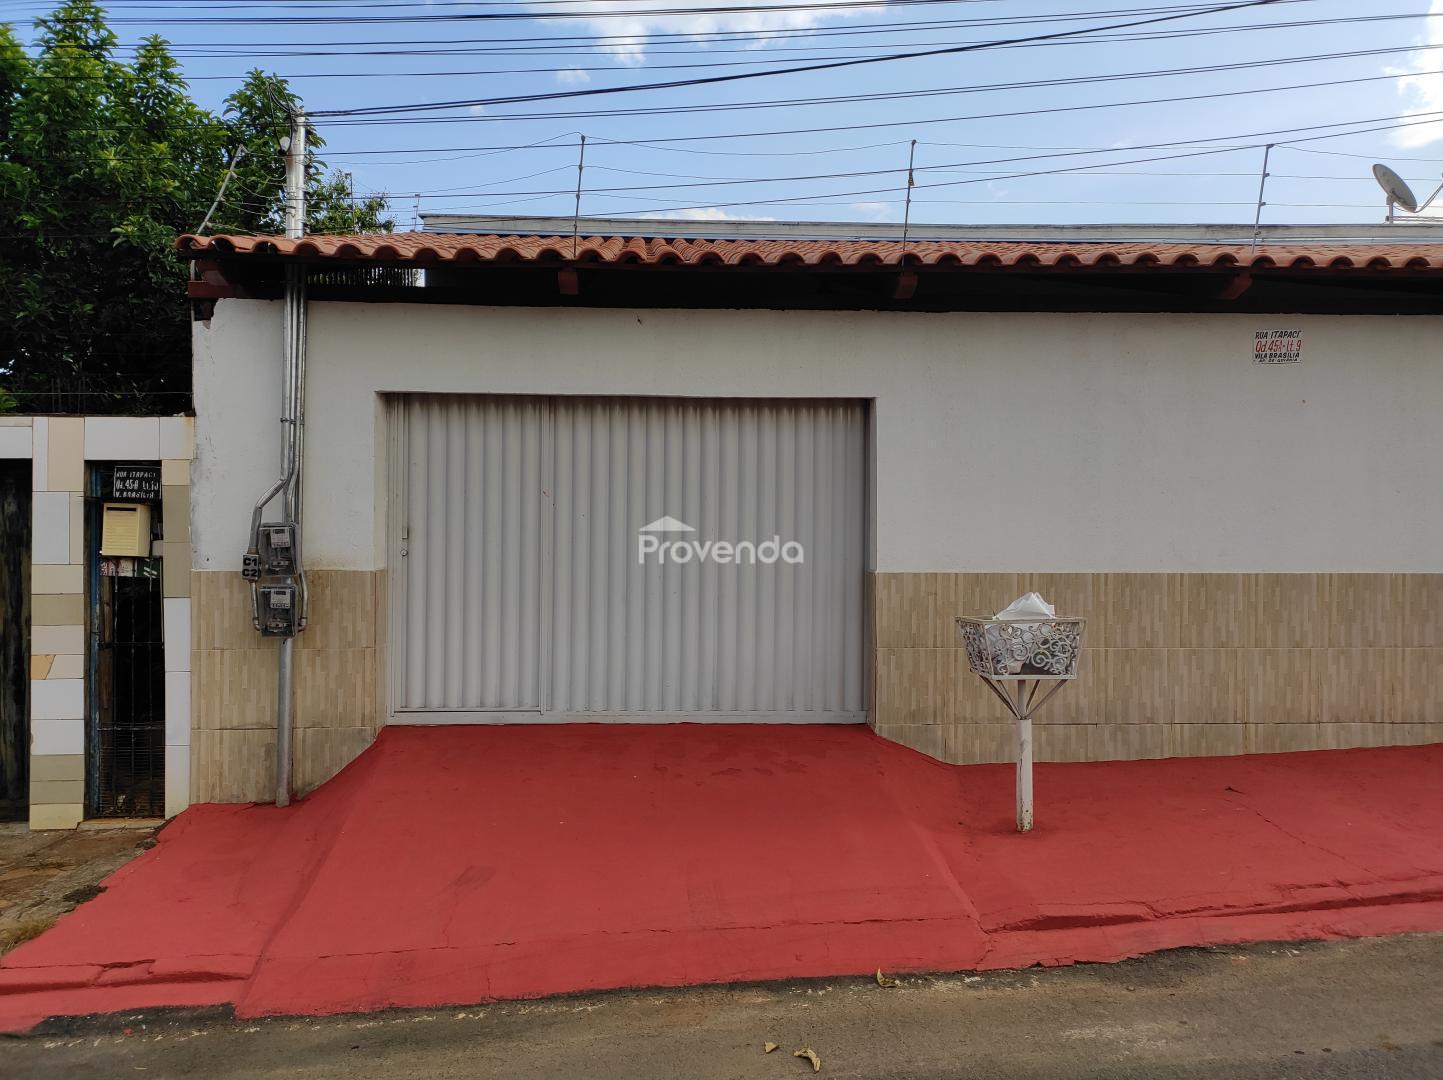 CASA VILA BRASILIA APARECIDA DE GOIANIA